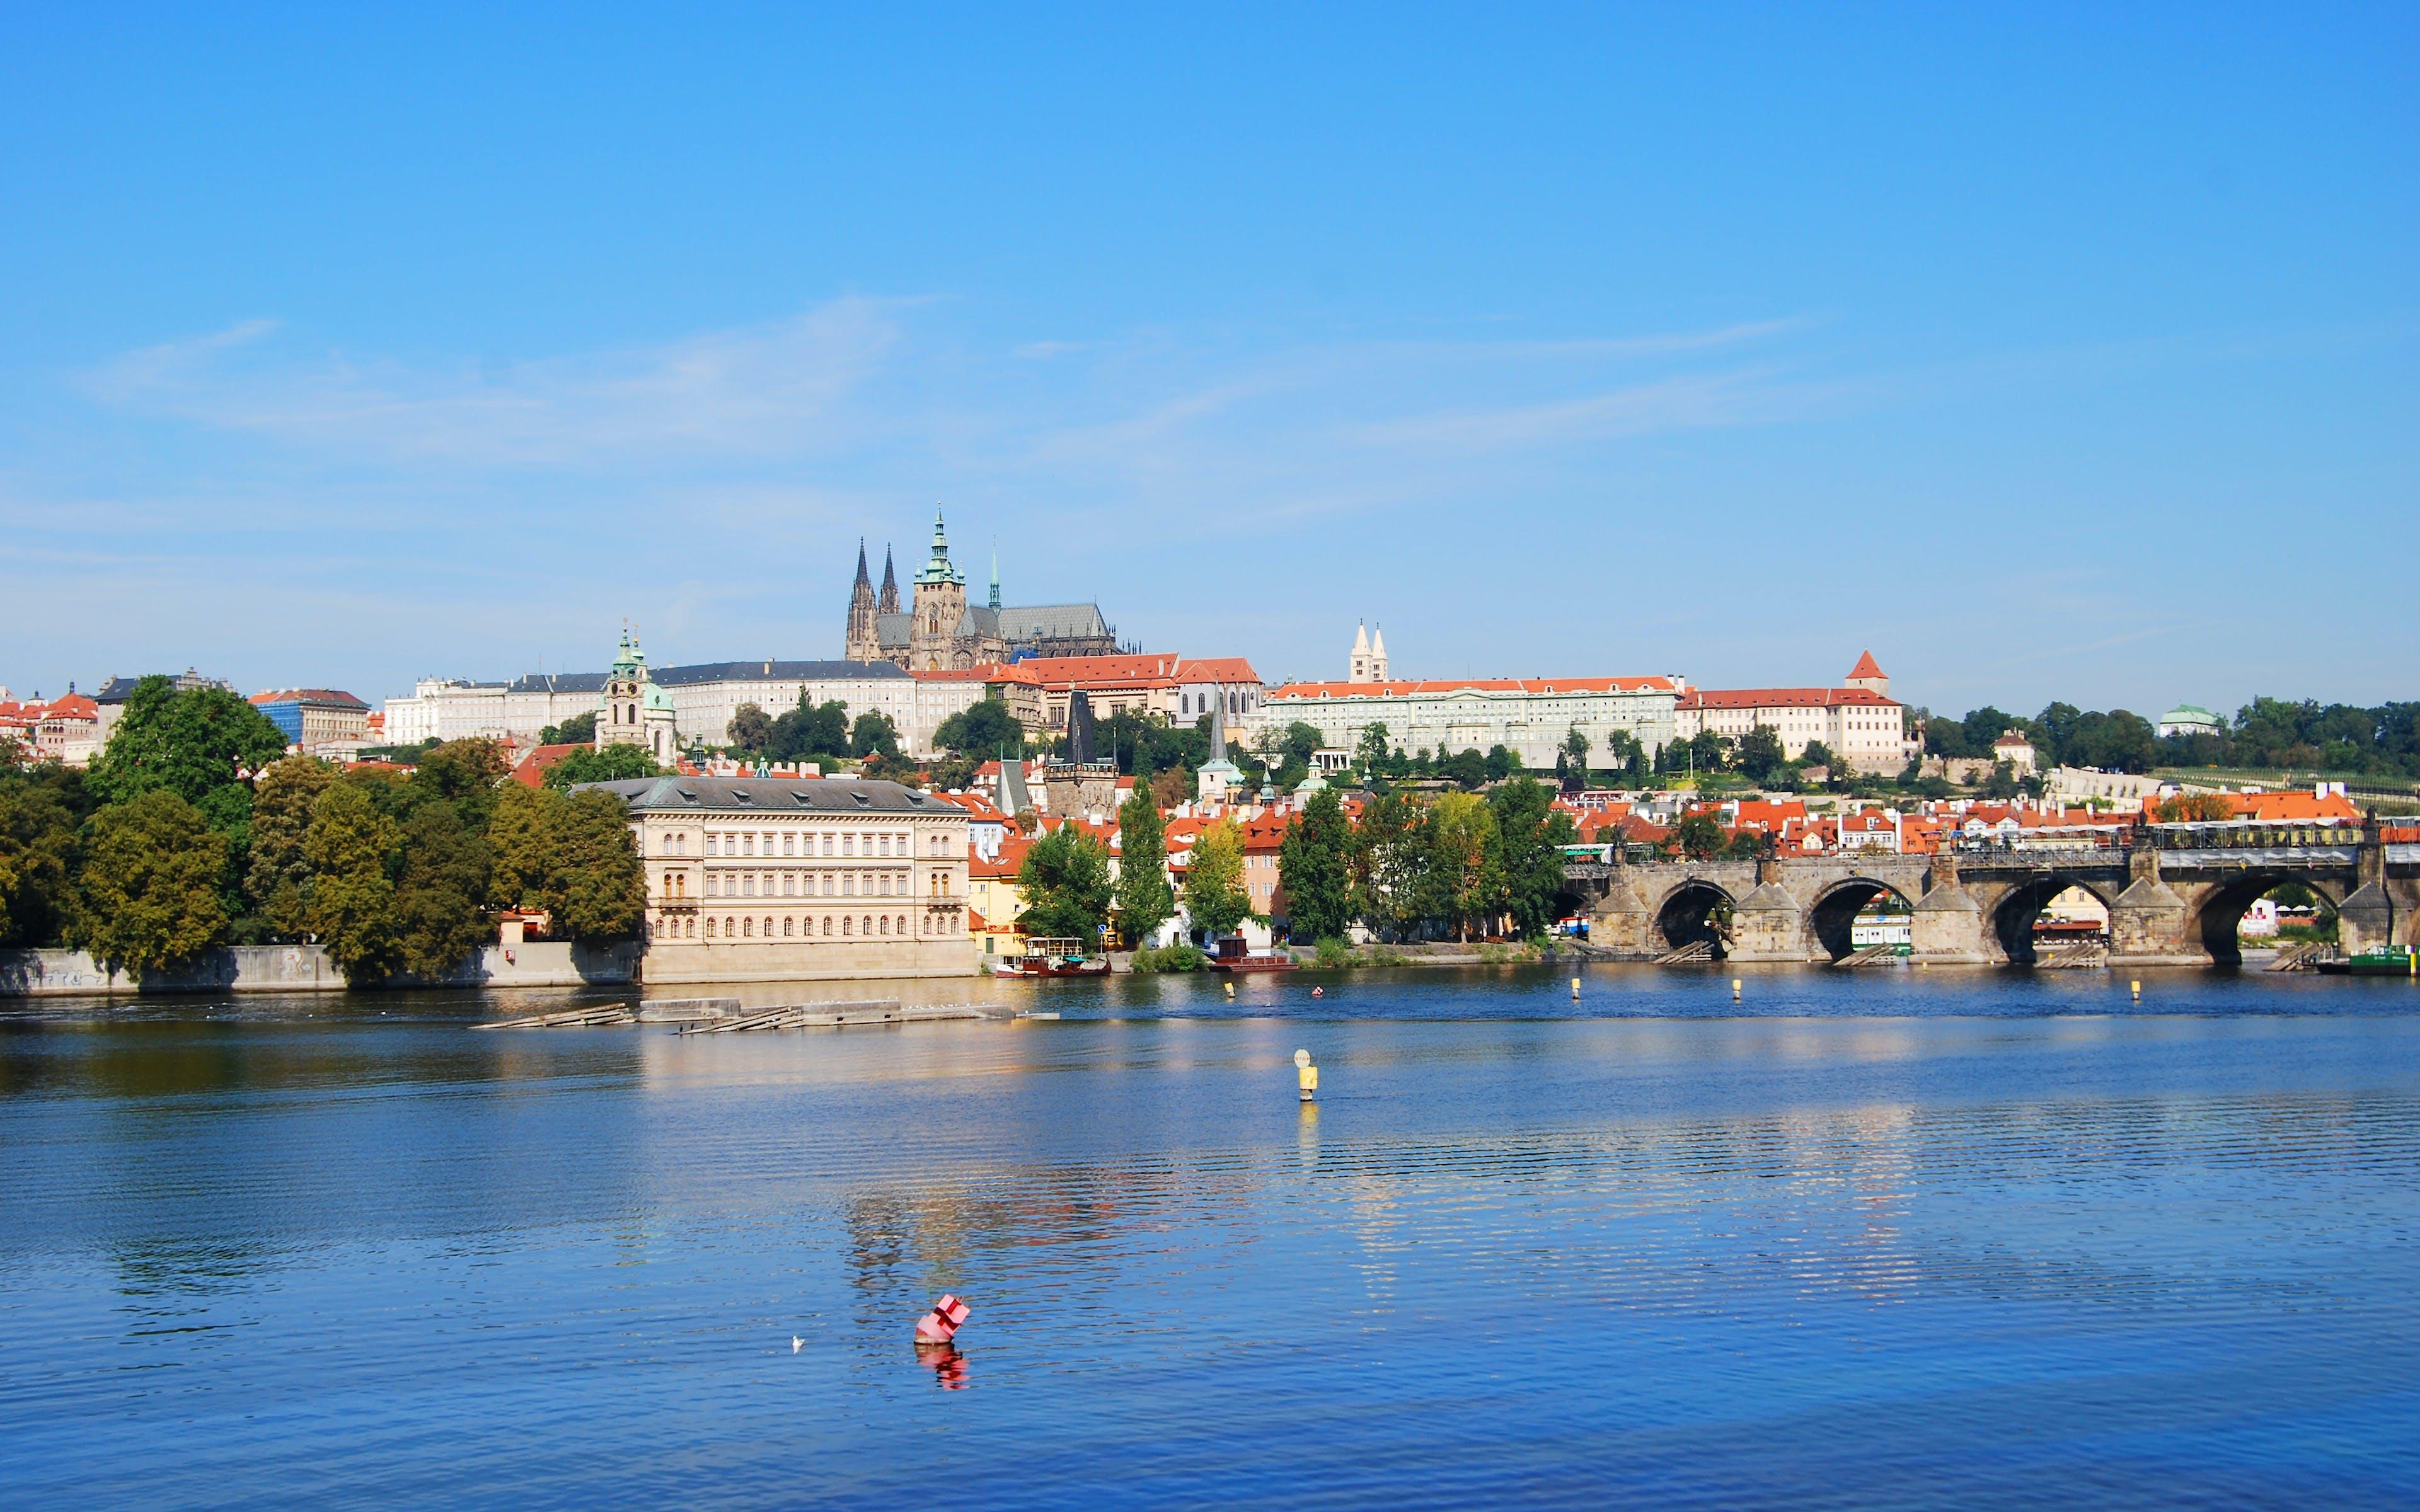 伏爾塔瓦河, 城堡, 城市, 城鎮 的 免費圖庫相片